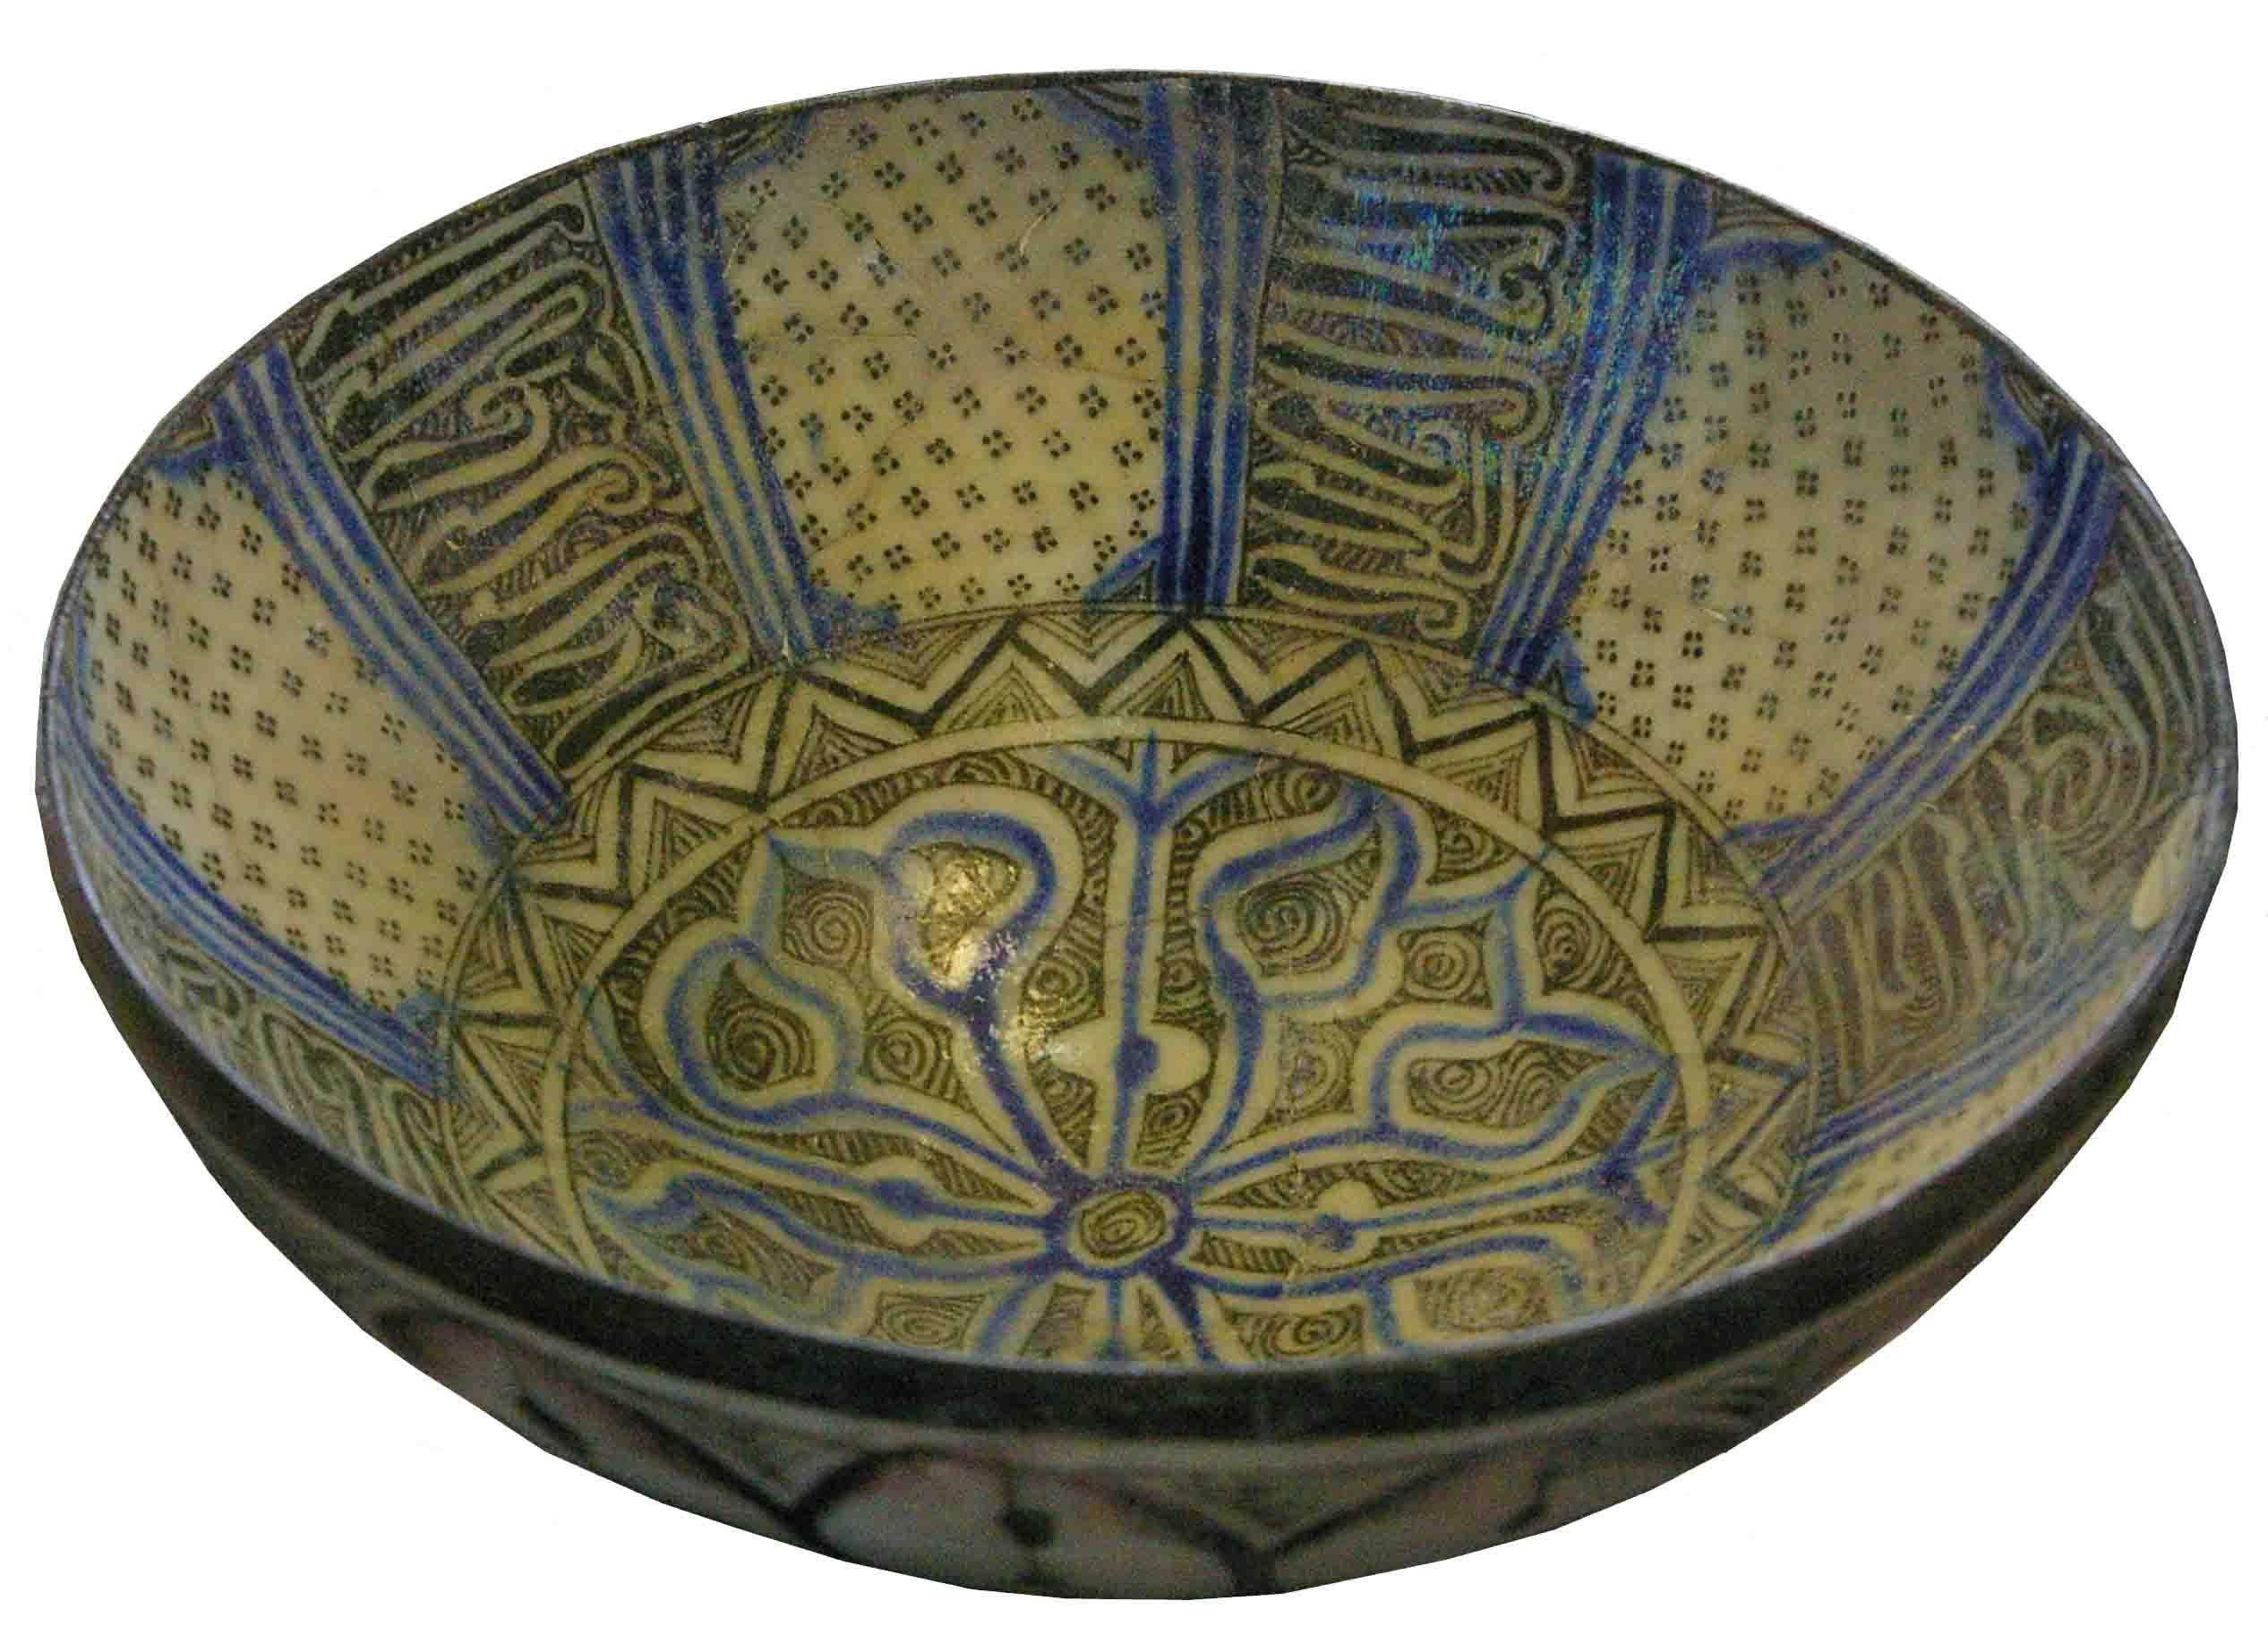 http://s1.picofile.com/file/7356065371/Gorgan_chinaware_tabriz_museumd.jpg